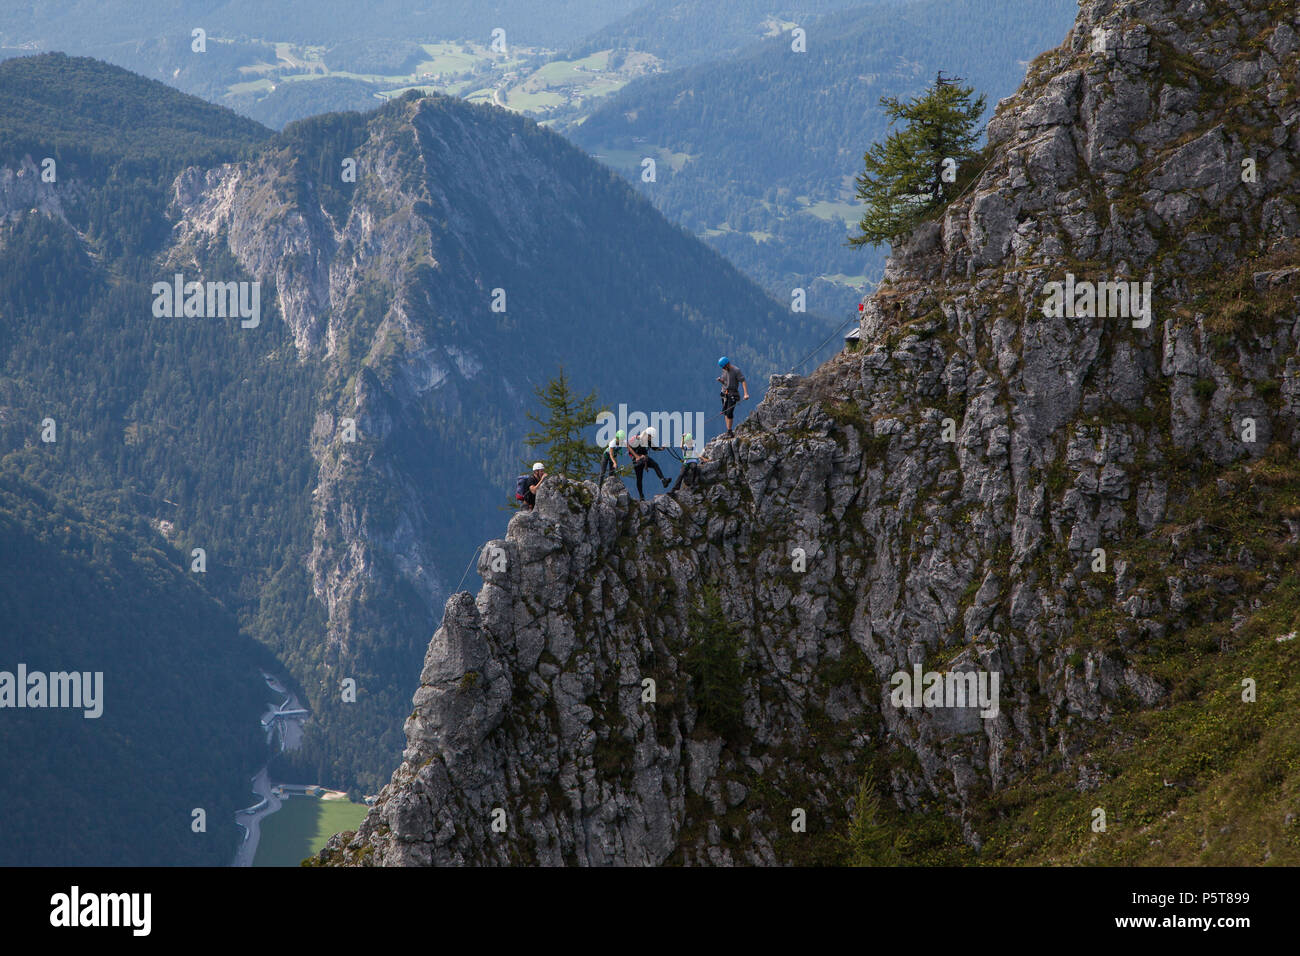 Klettersteigset Verleih Berchtesgaden : Klettersteig jenner: klettersteige bayerische alpen mit kurzem zustieg.